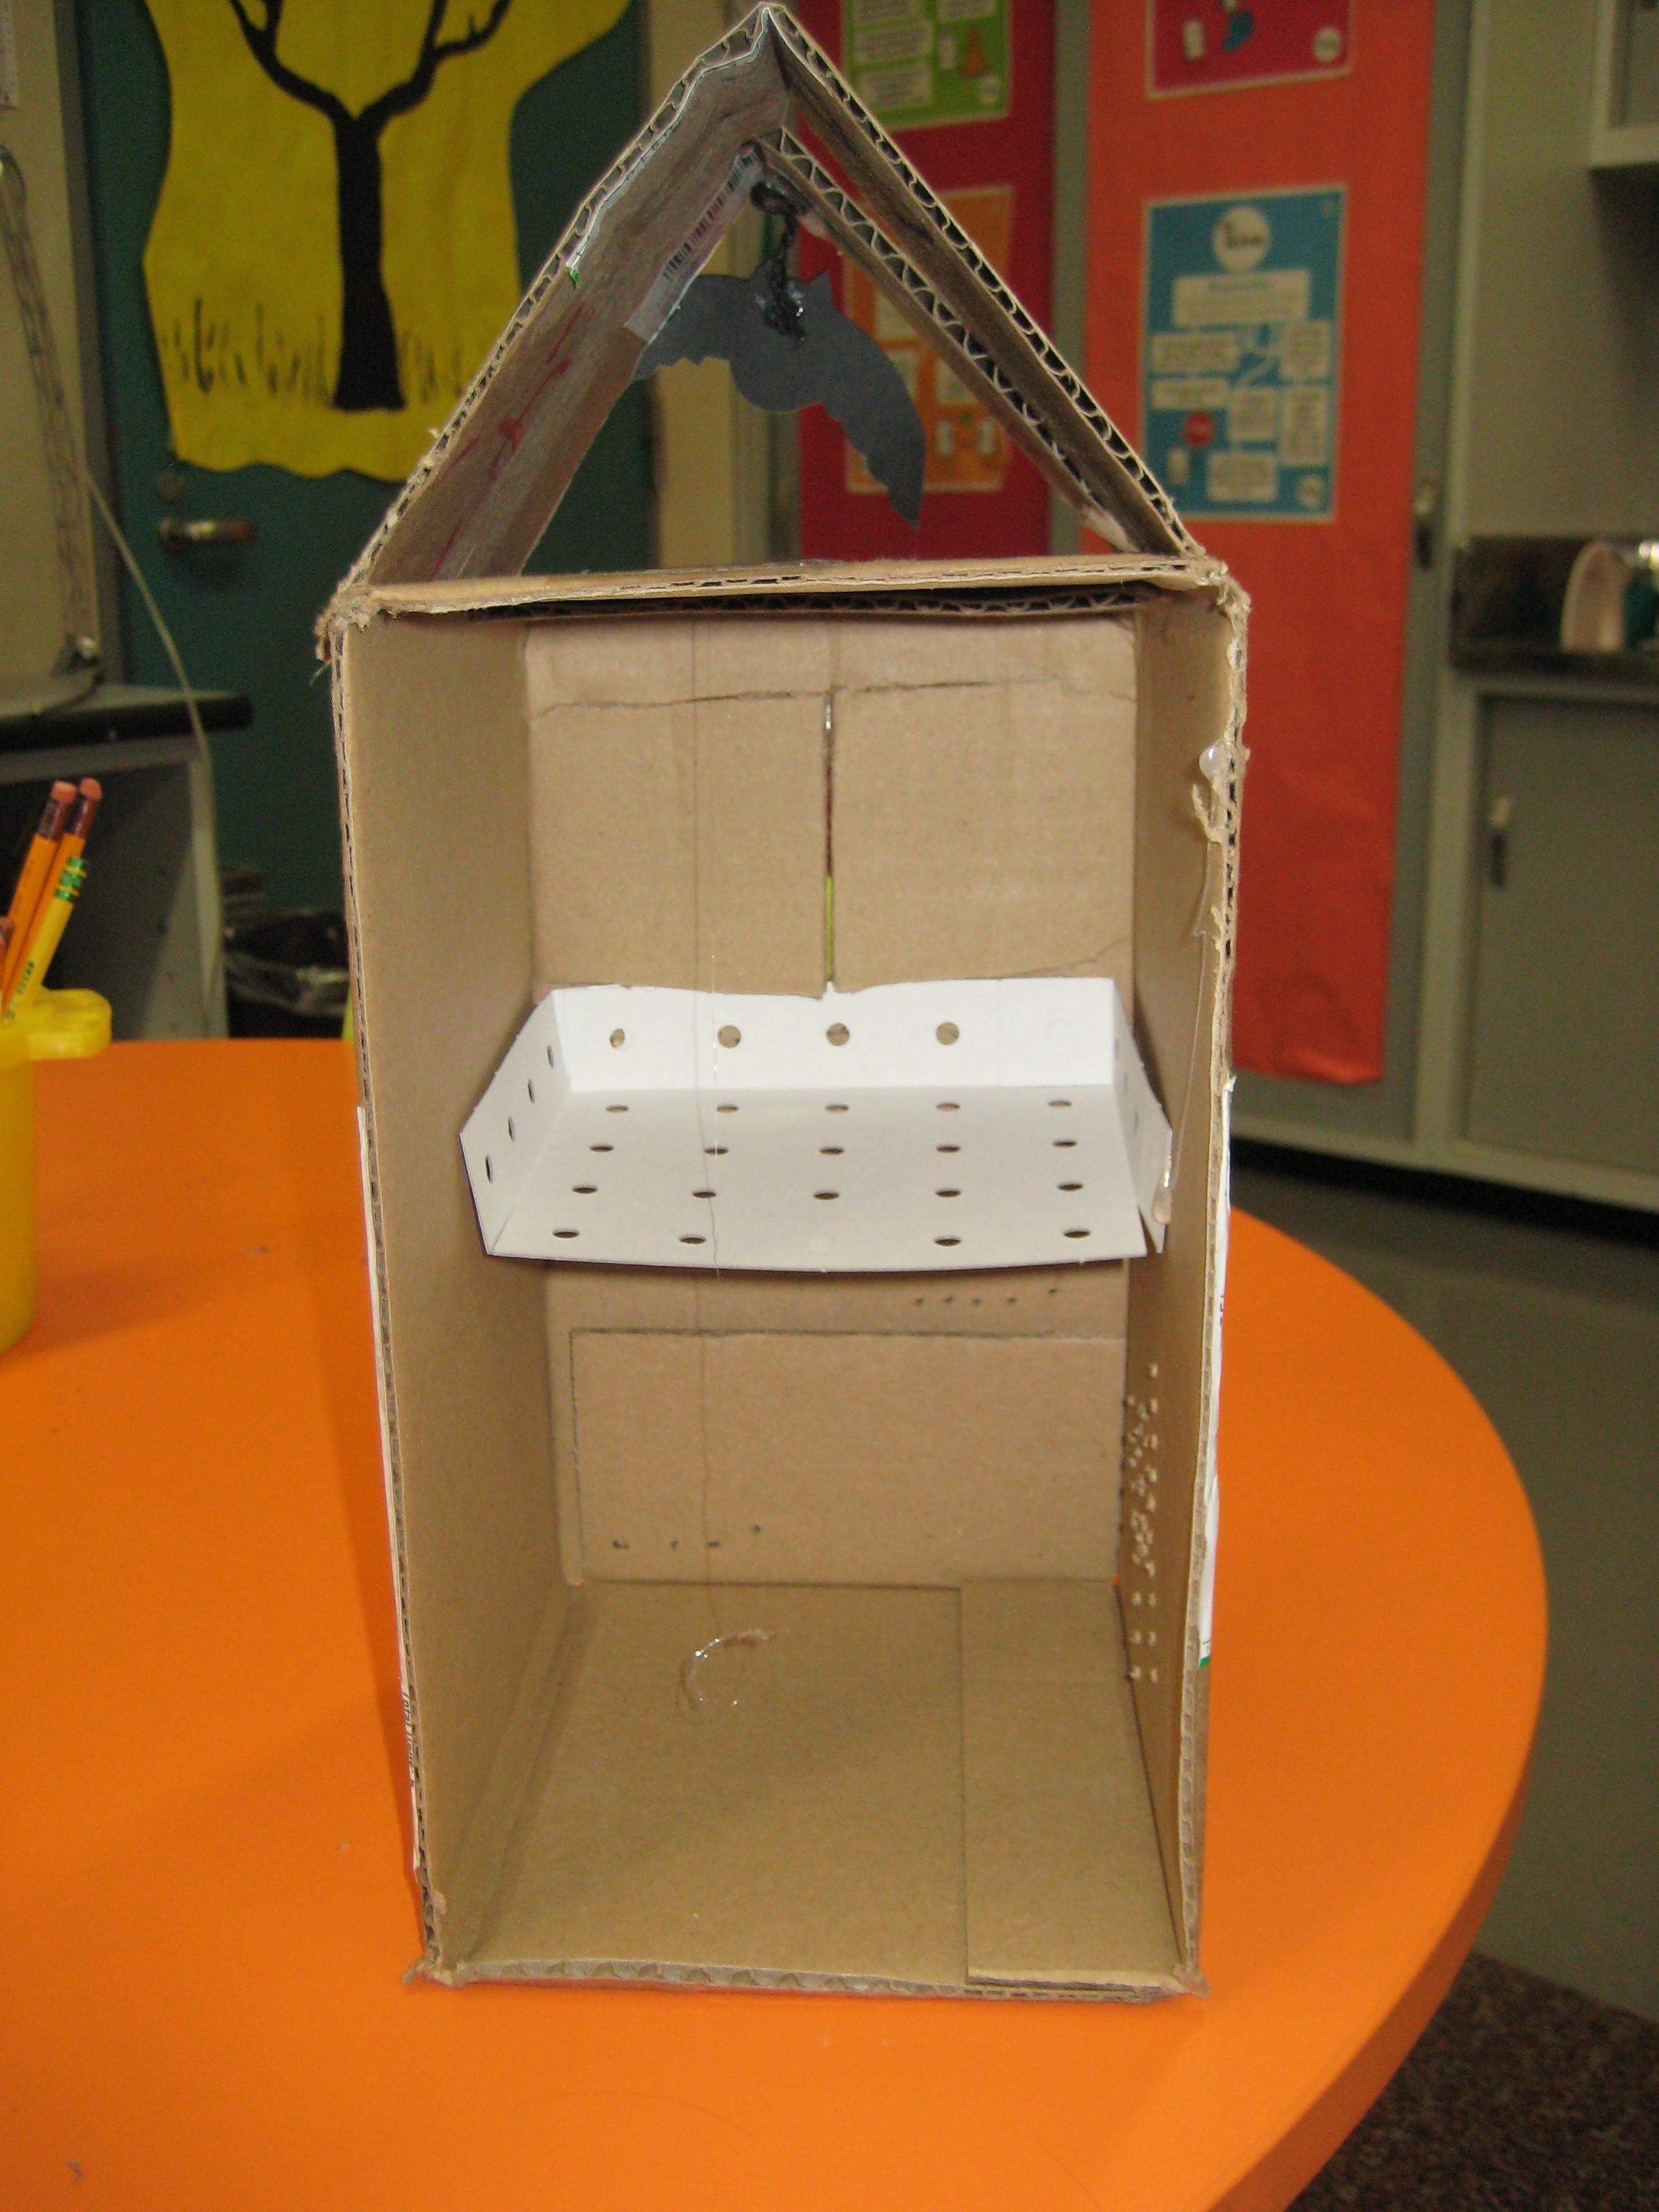 A teacher model of a design project